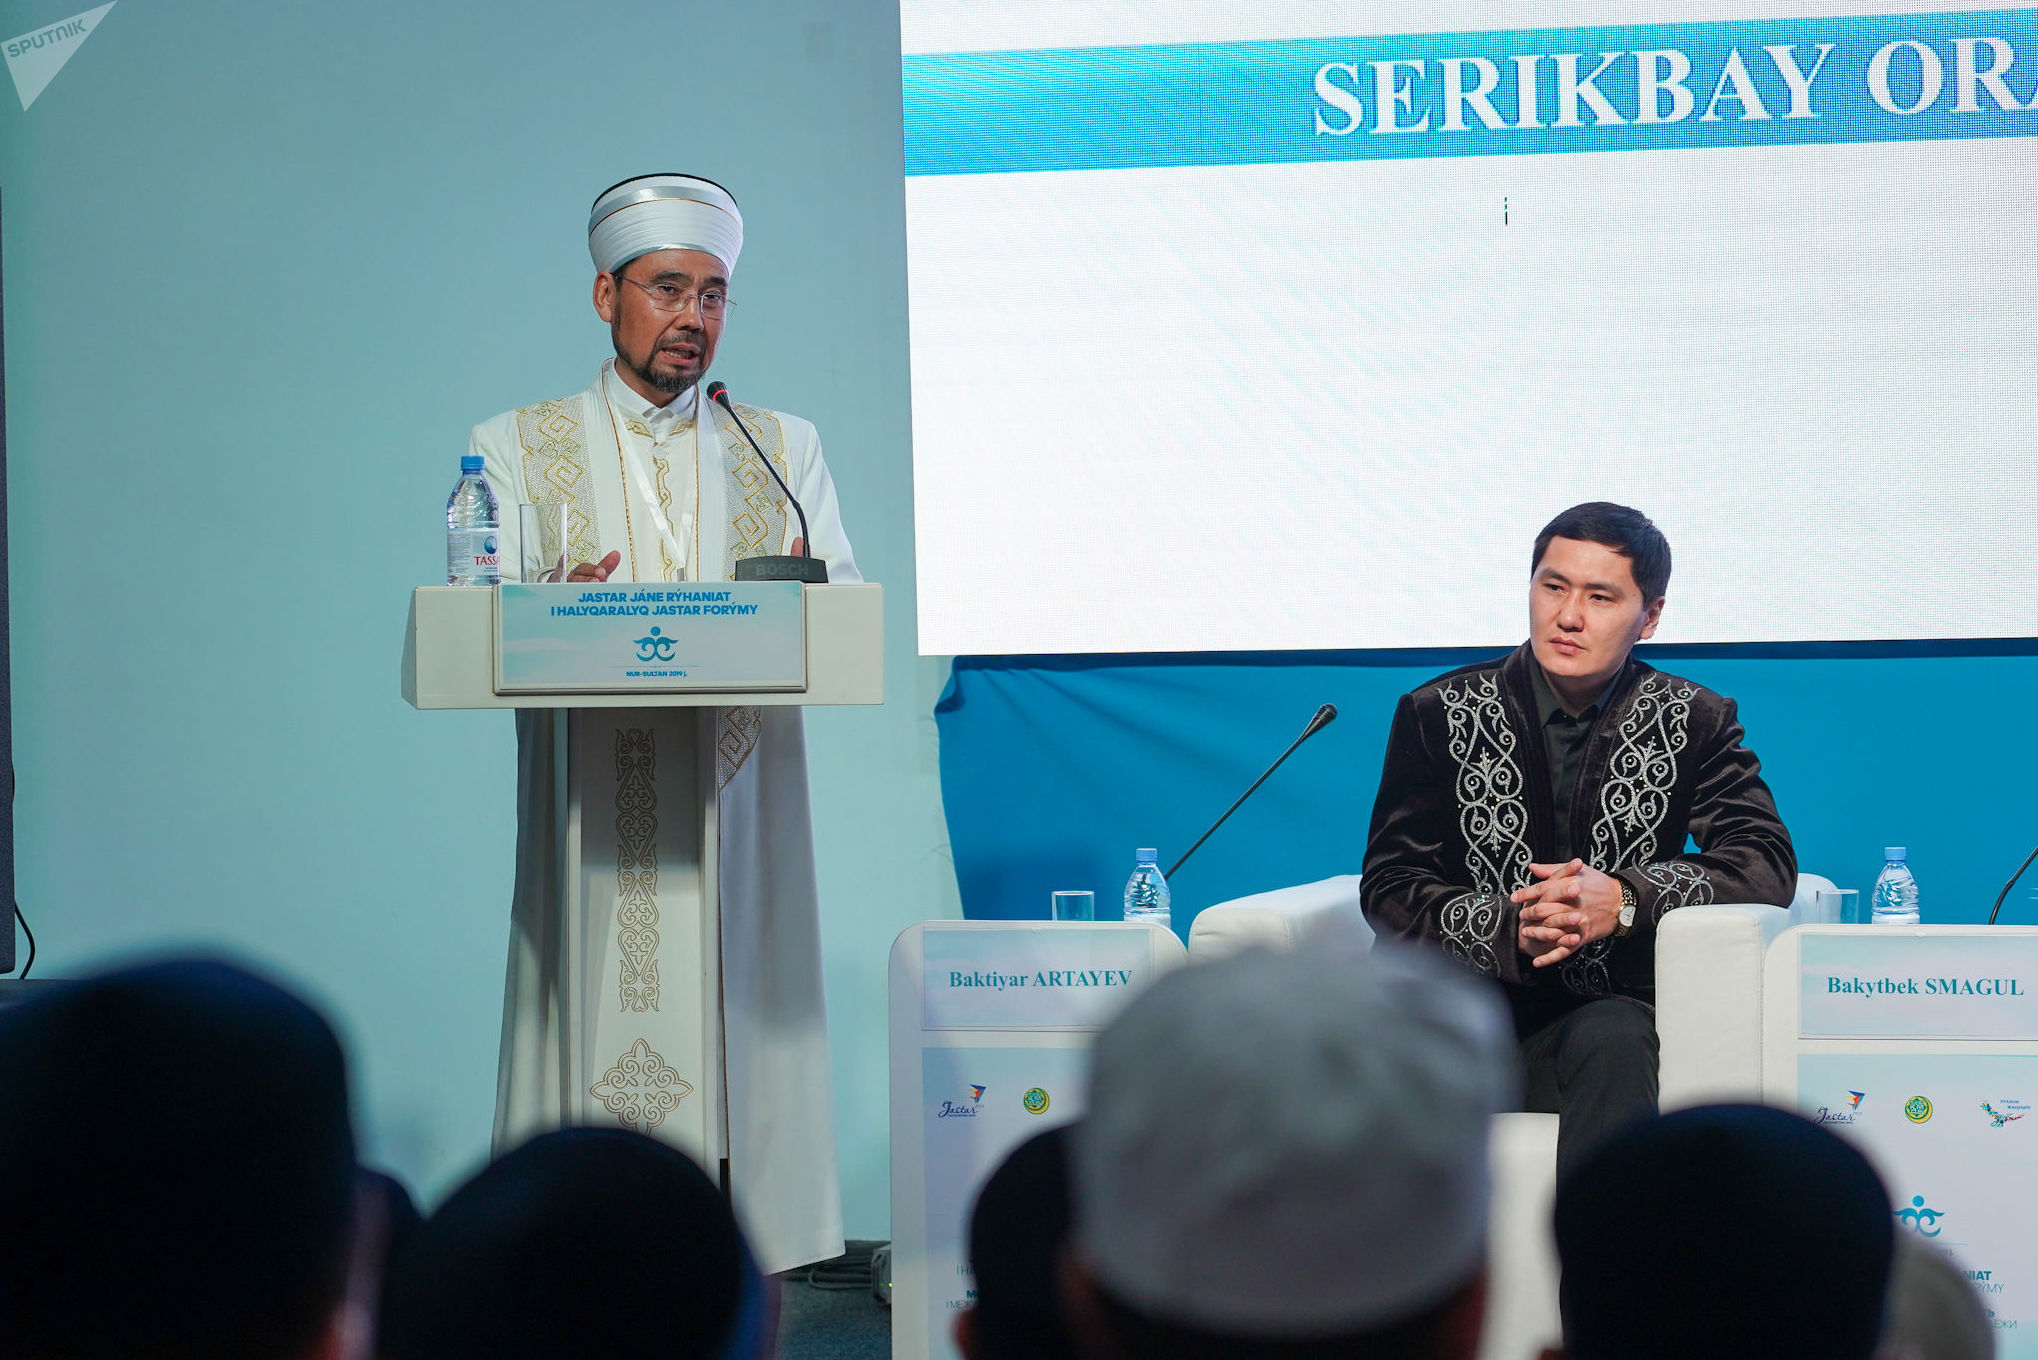 І международный форум молодежи Молодежь и духовность . Верховный муфтий Казахстана Серикбай Ораз